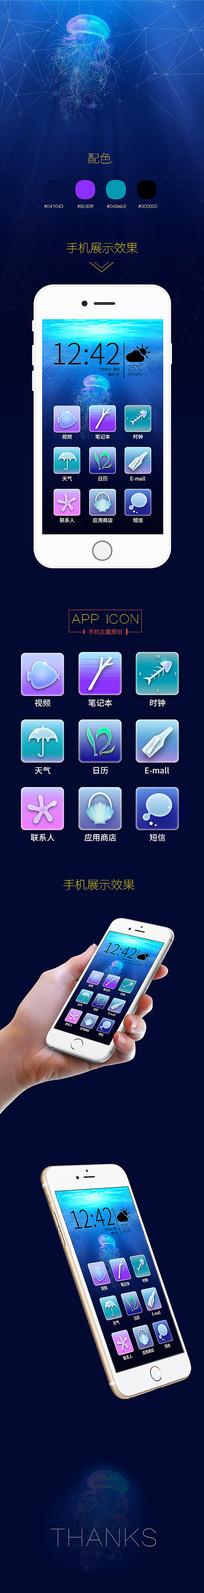 手机主题图标设计